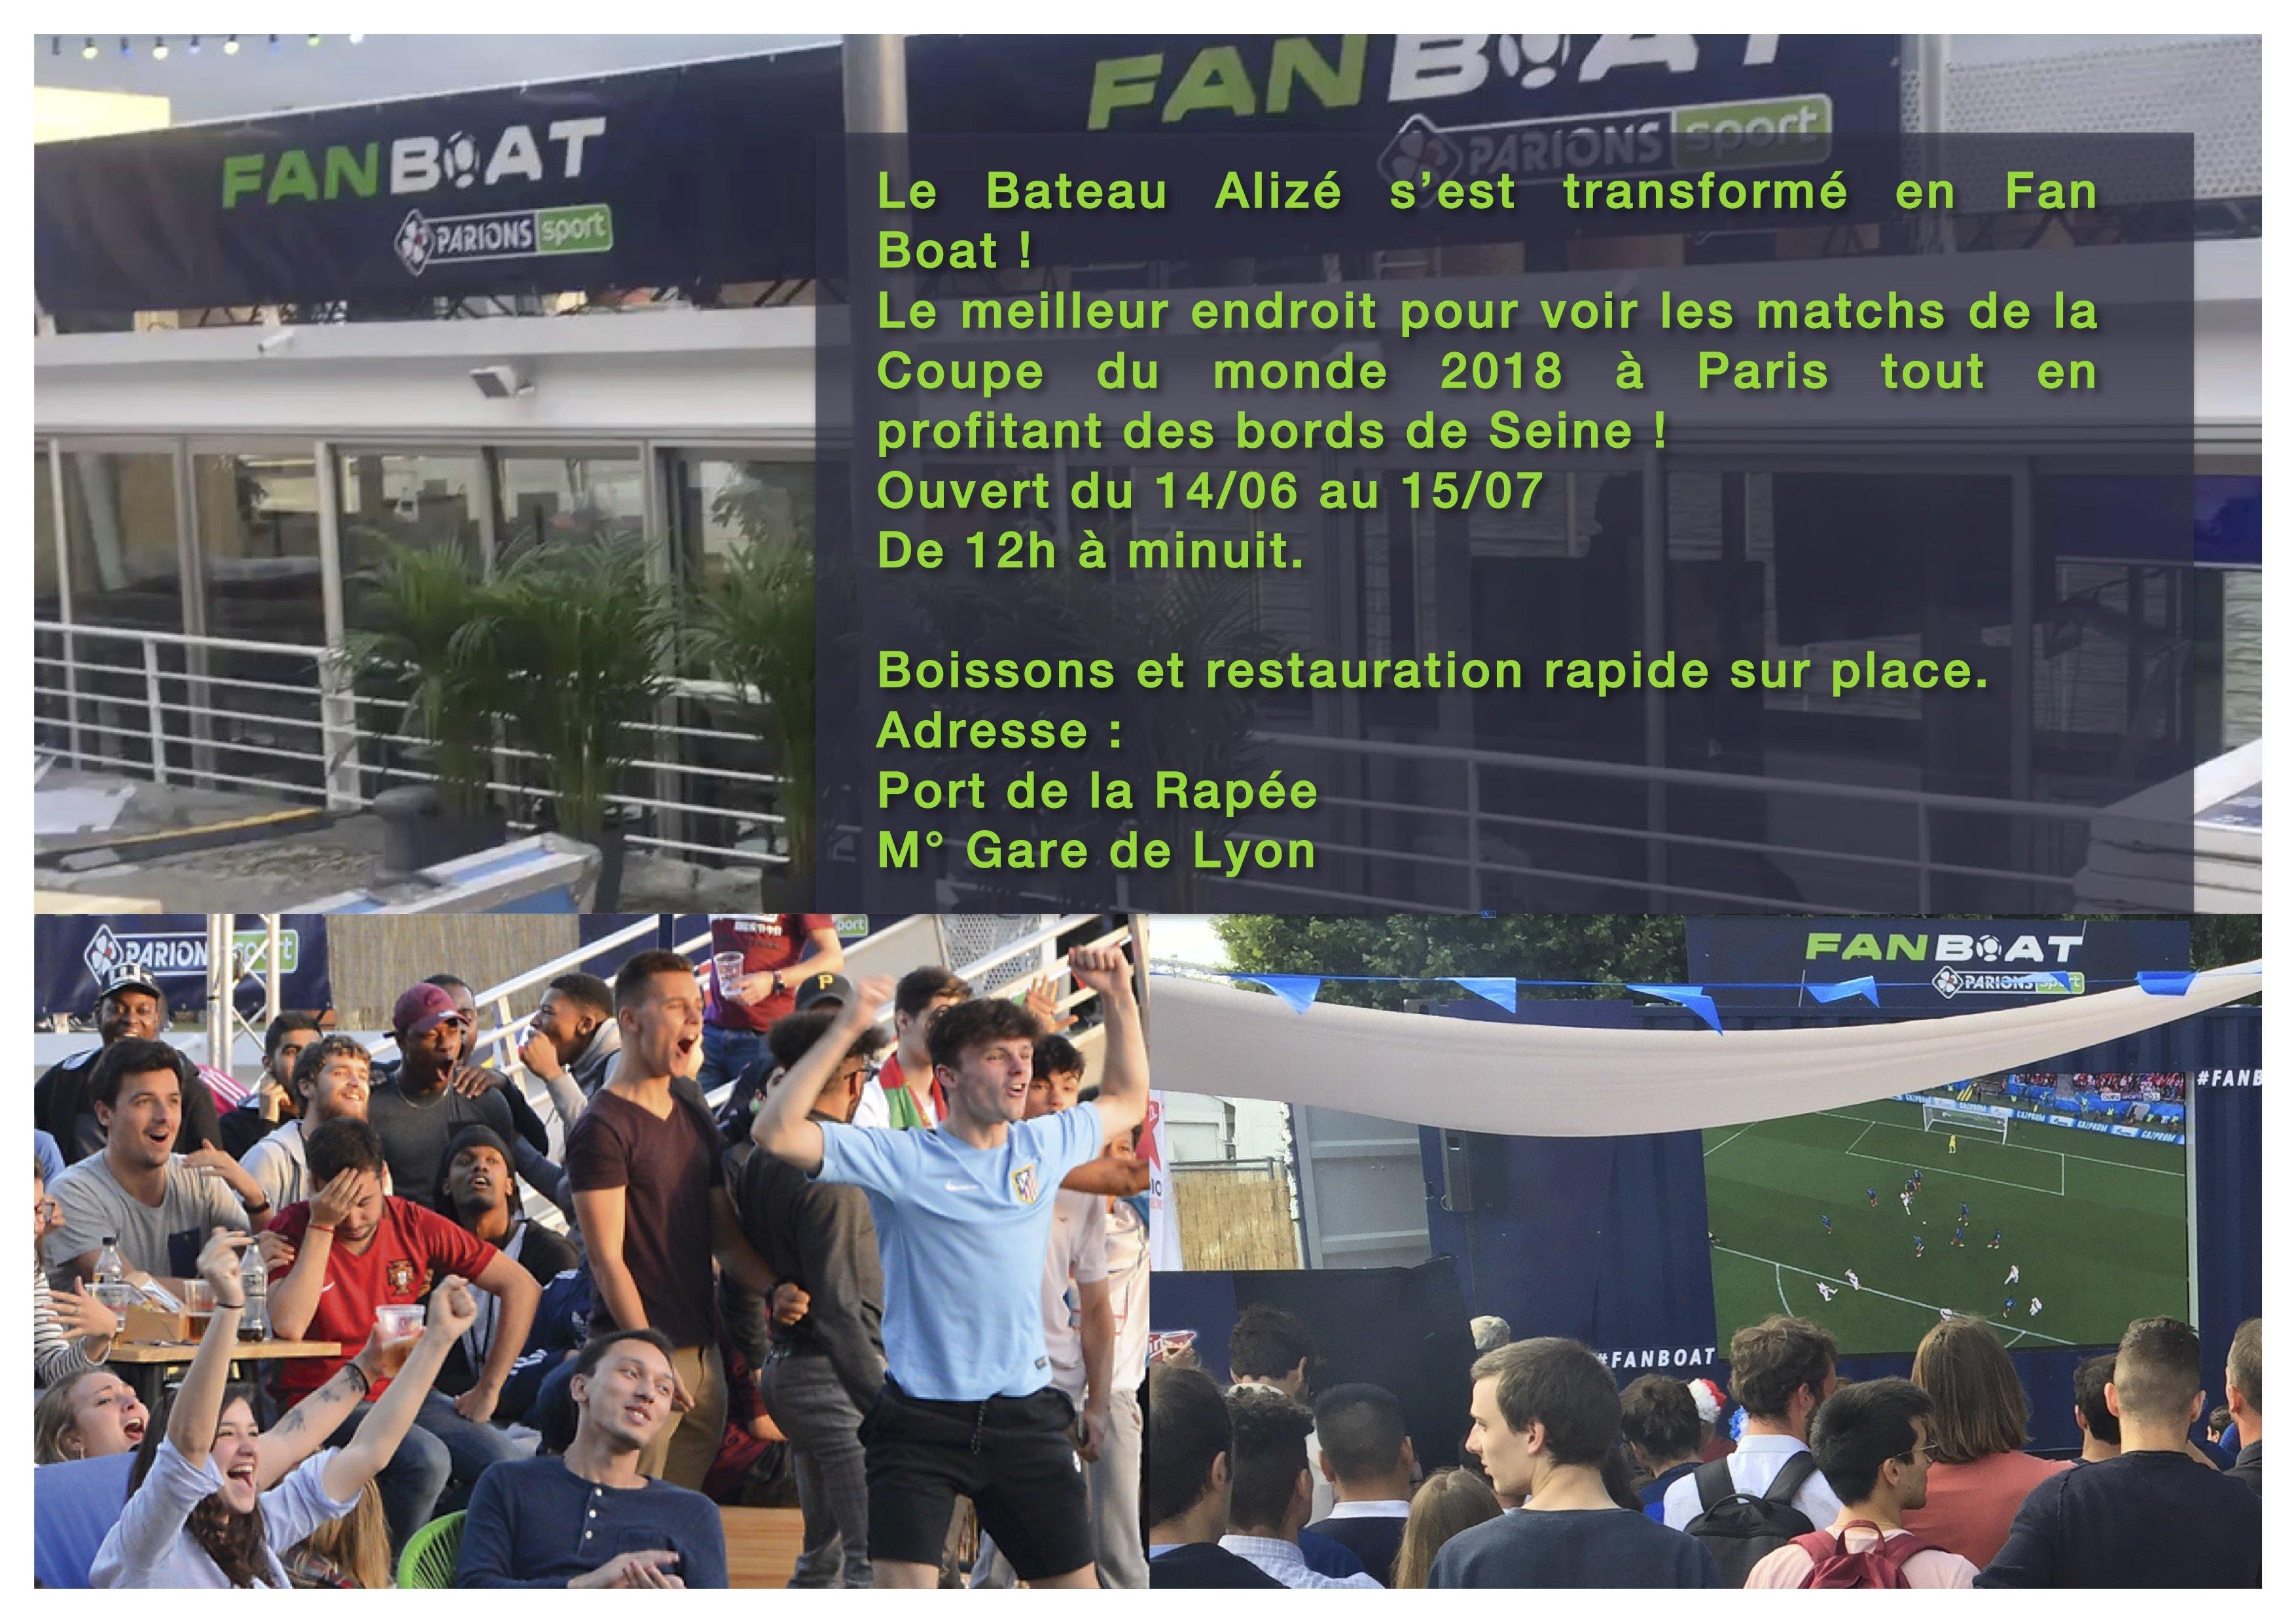 Le Fan boat de la coupe du monde à bord de l'Alizé